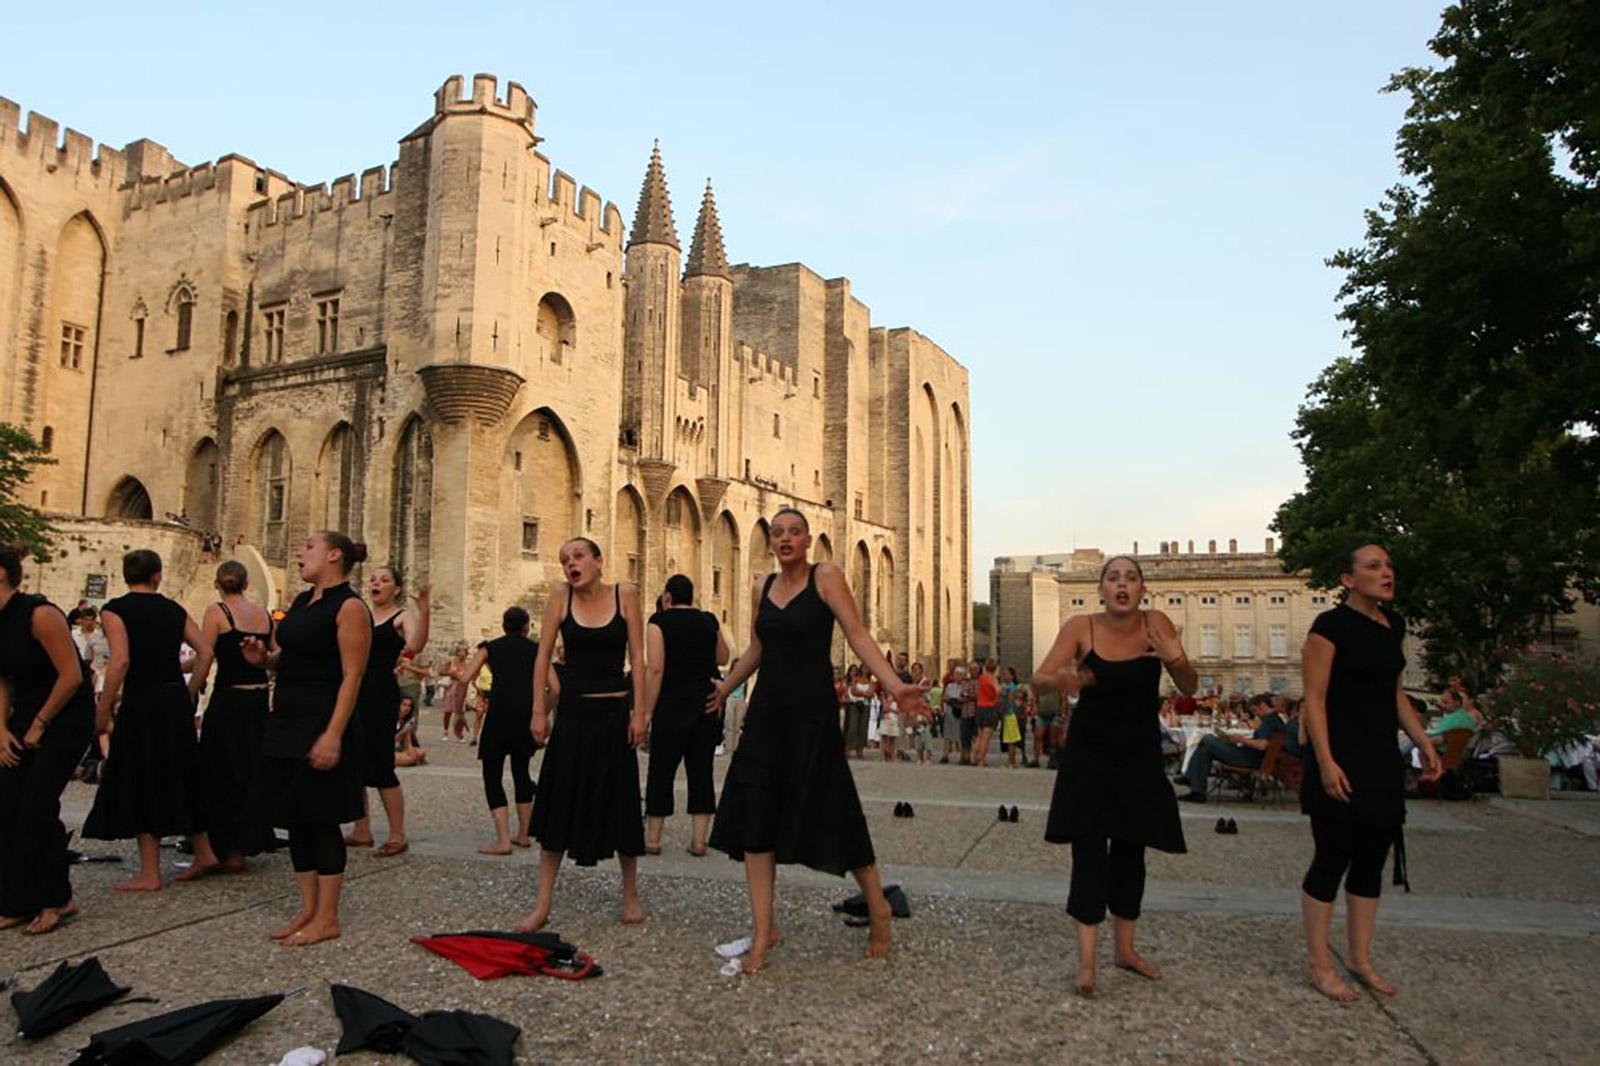 Spectacle devant le palais des papes pour le Festival d'Avignon